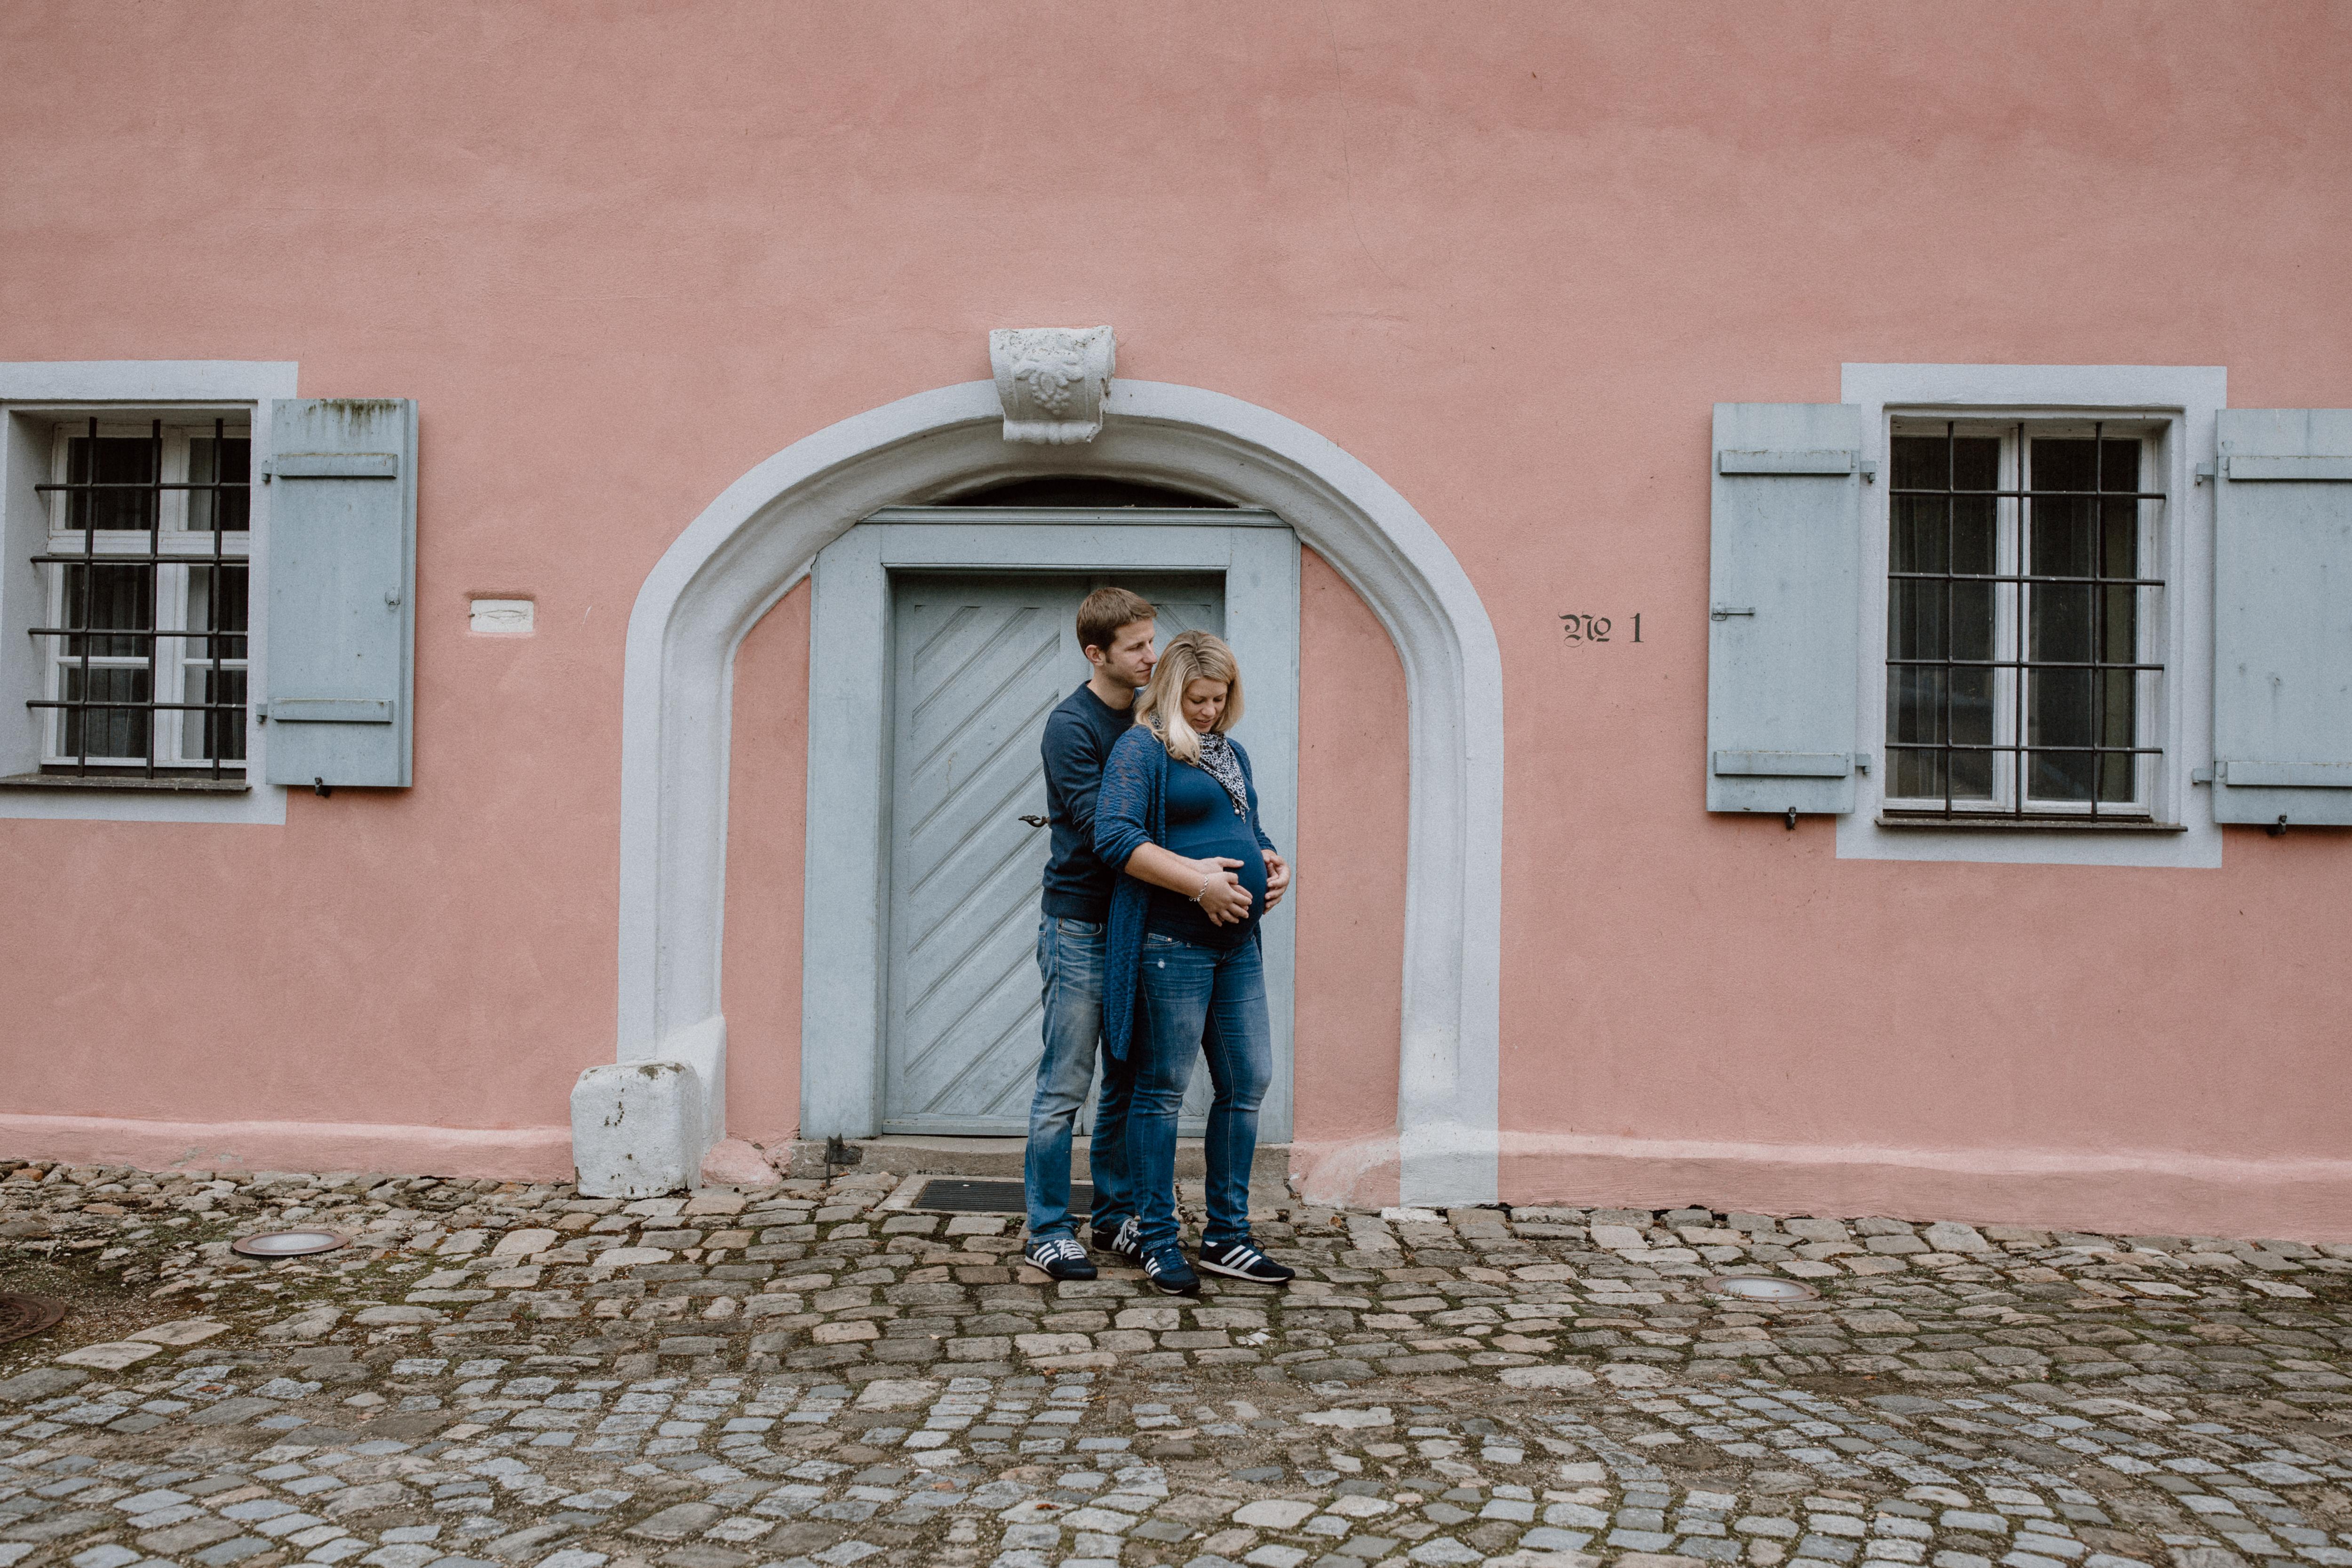 URBANERIE_Daniela_Goth_Fotografin_Nürnberg_Fürth_Erlangen_Schwabach_17902_001_0142